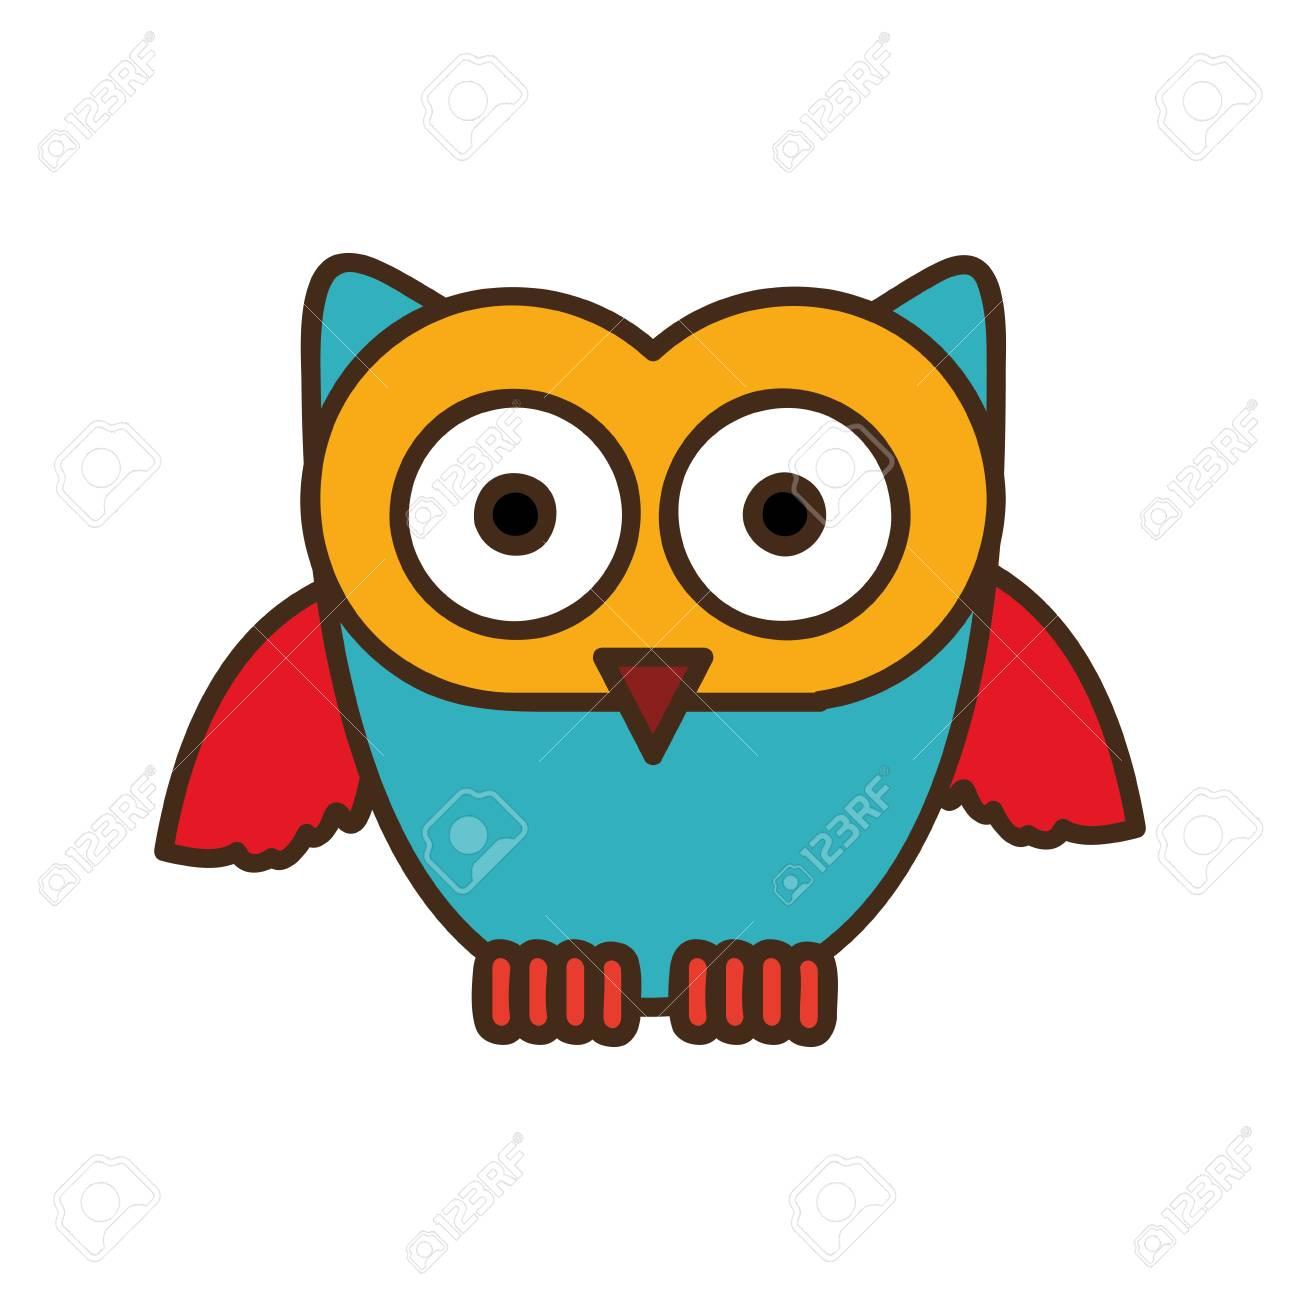 Chouette Dessin Stylisé icône de chouette couleur stylisée, image de dessin vectoriel